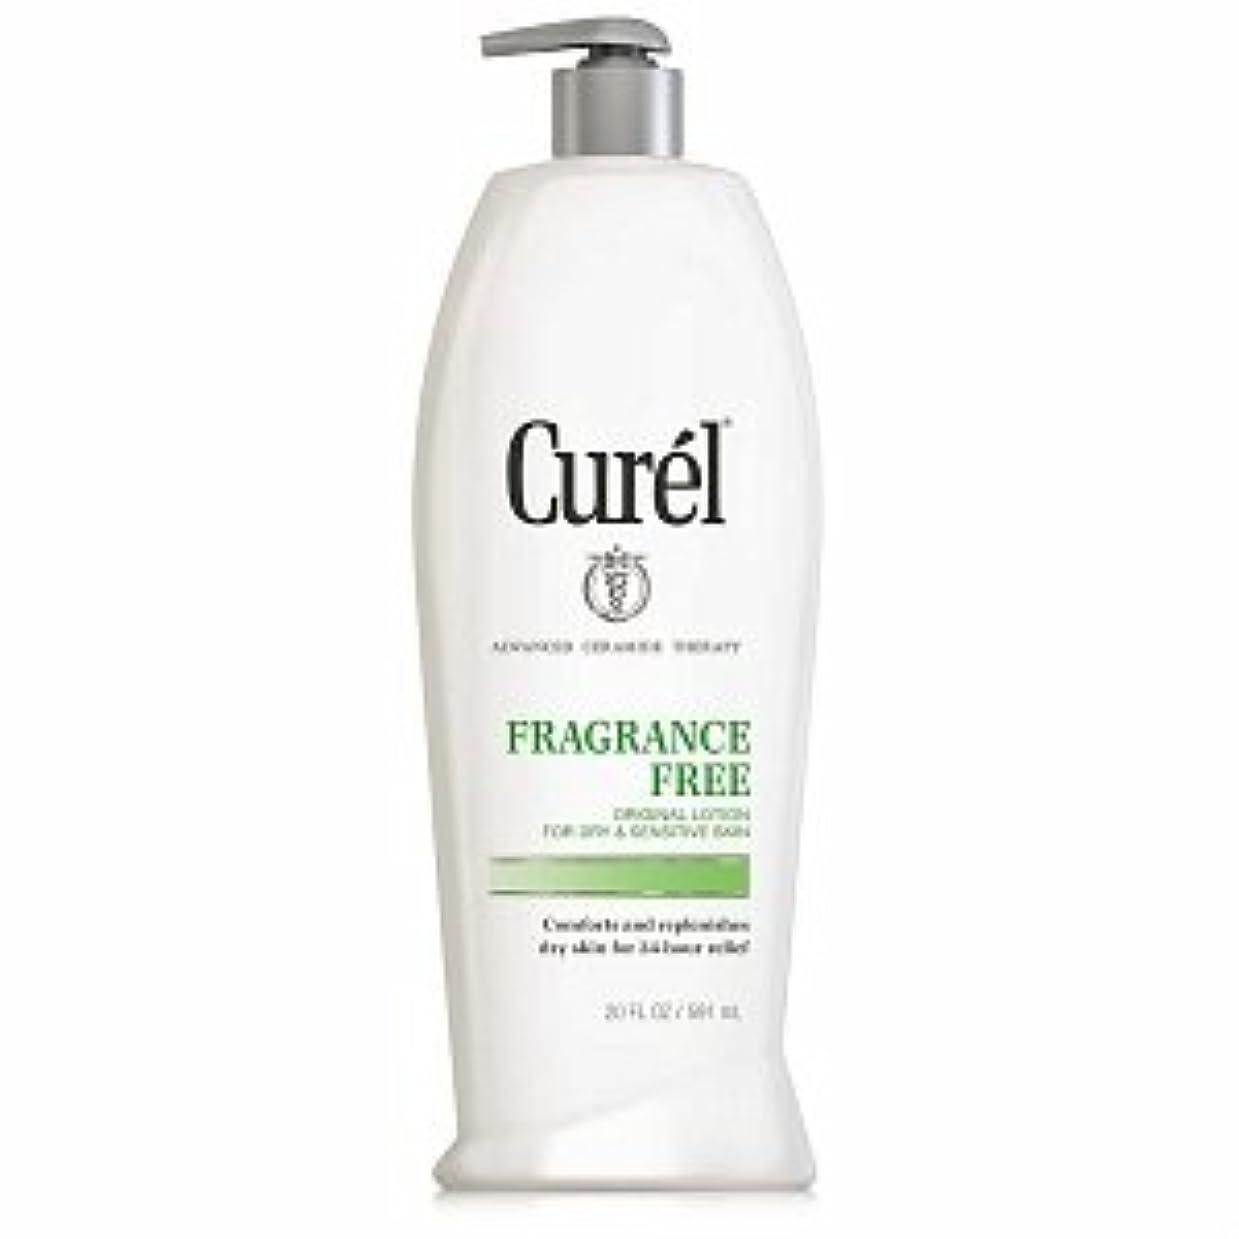 サミット鉄道駅までCurel Fragrance Free Original Lotion For Dry&Sensitive Skin - 13 fl oz  ポンプ式